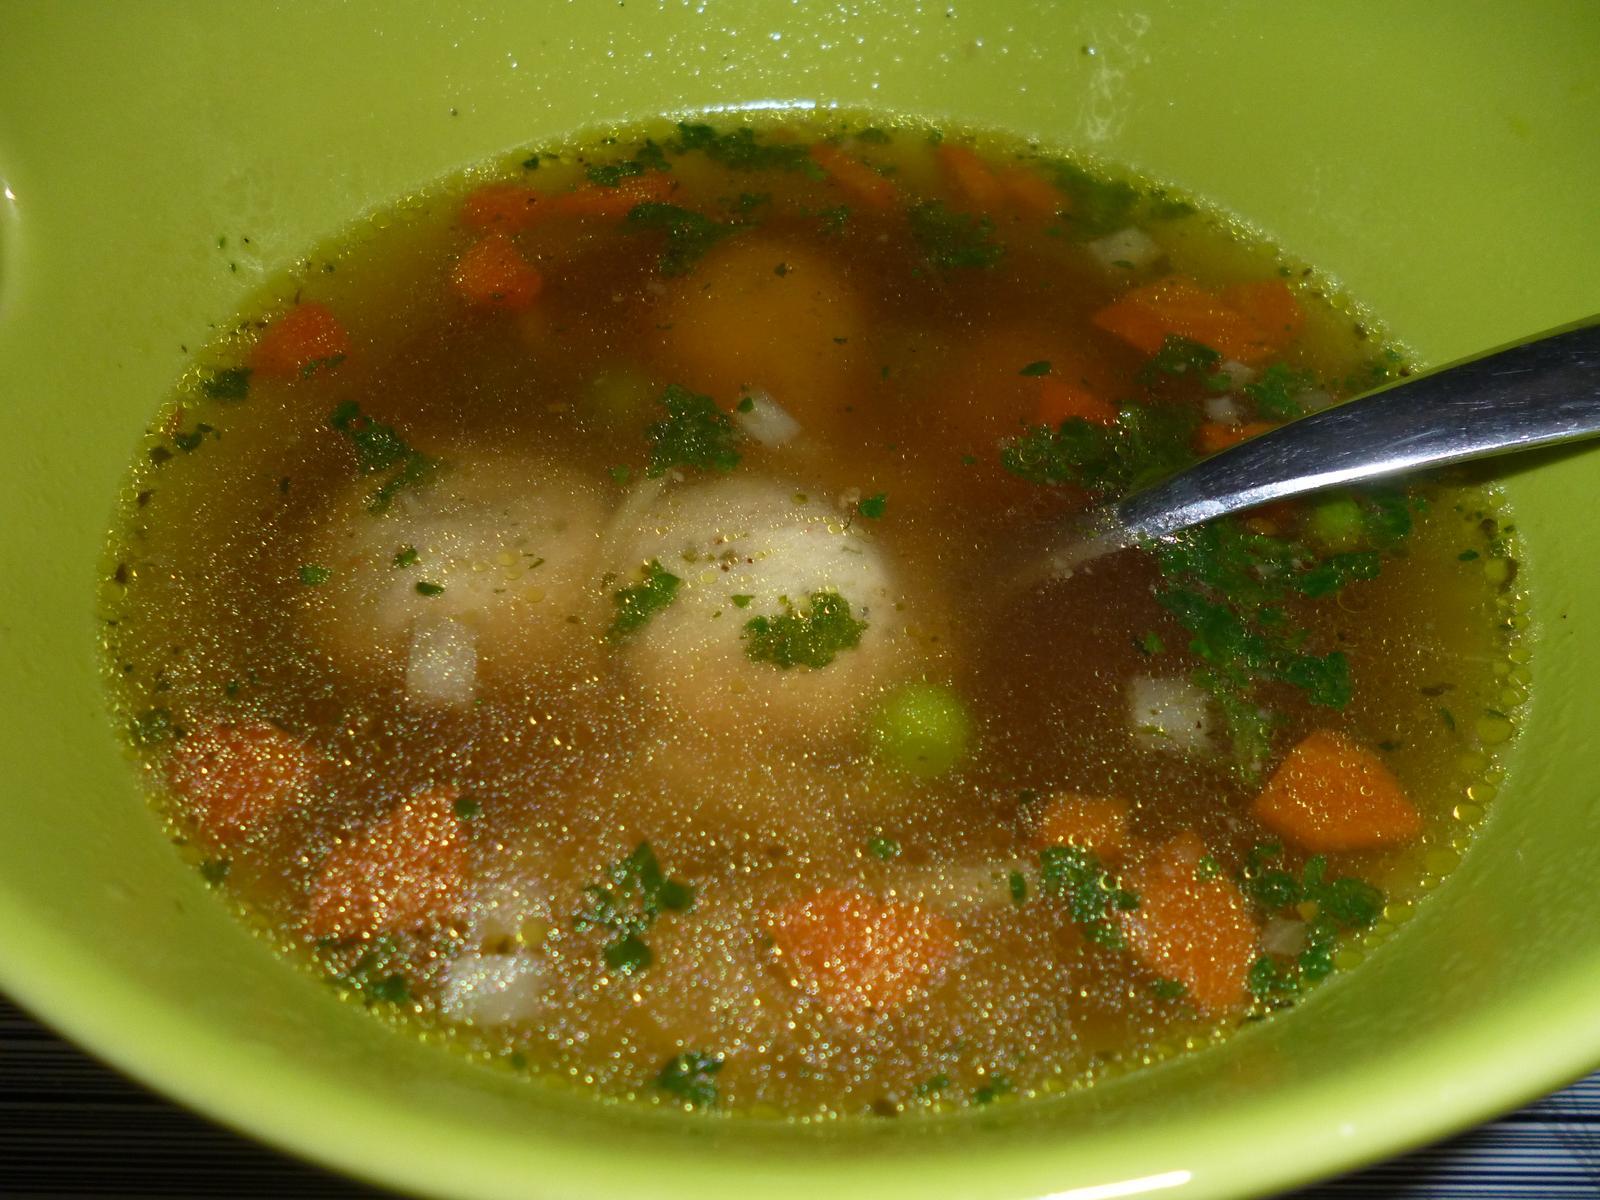 Což dát si něco k snědku - polévka s drožďovými knedlíčky mňam